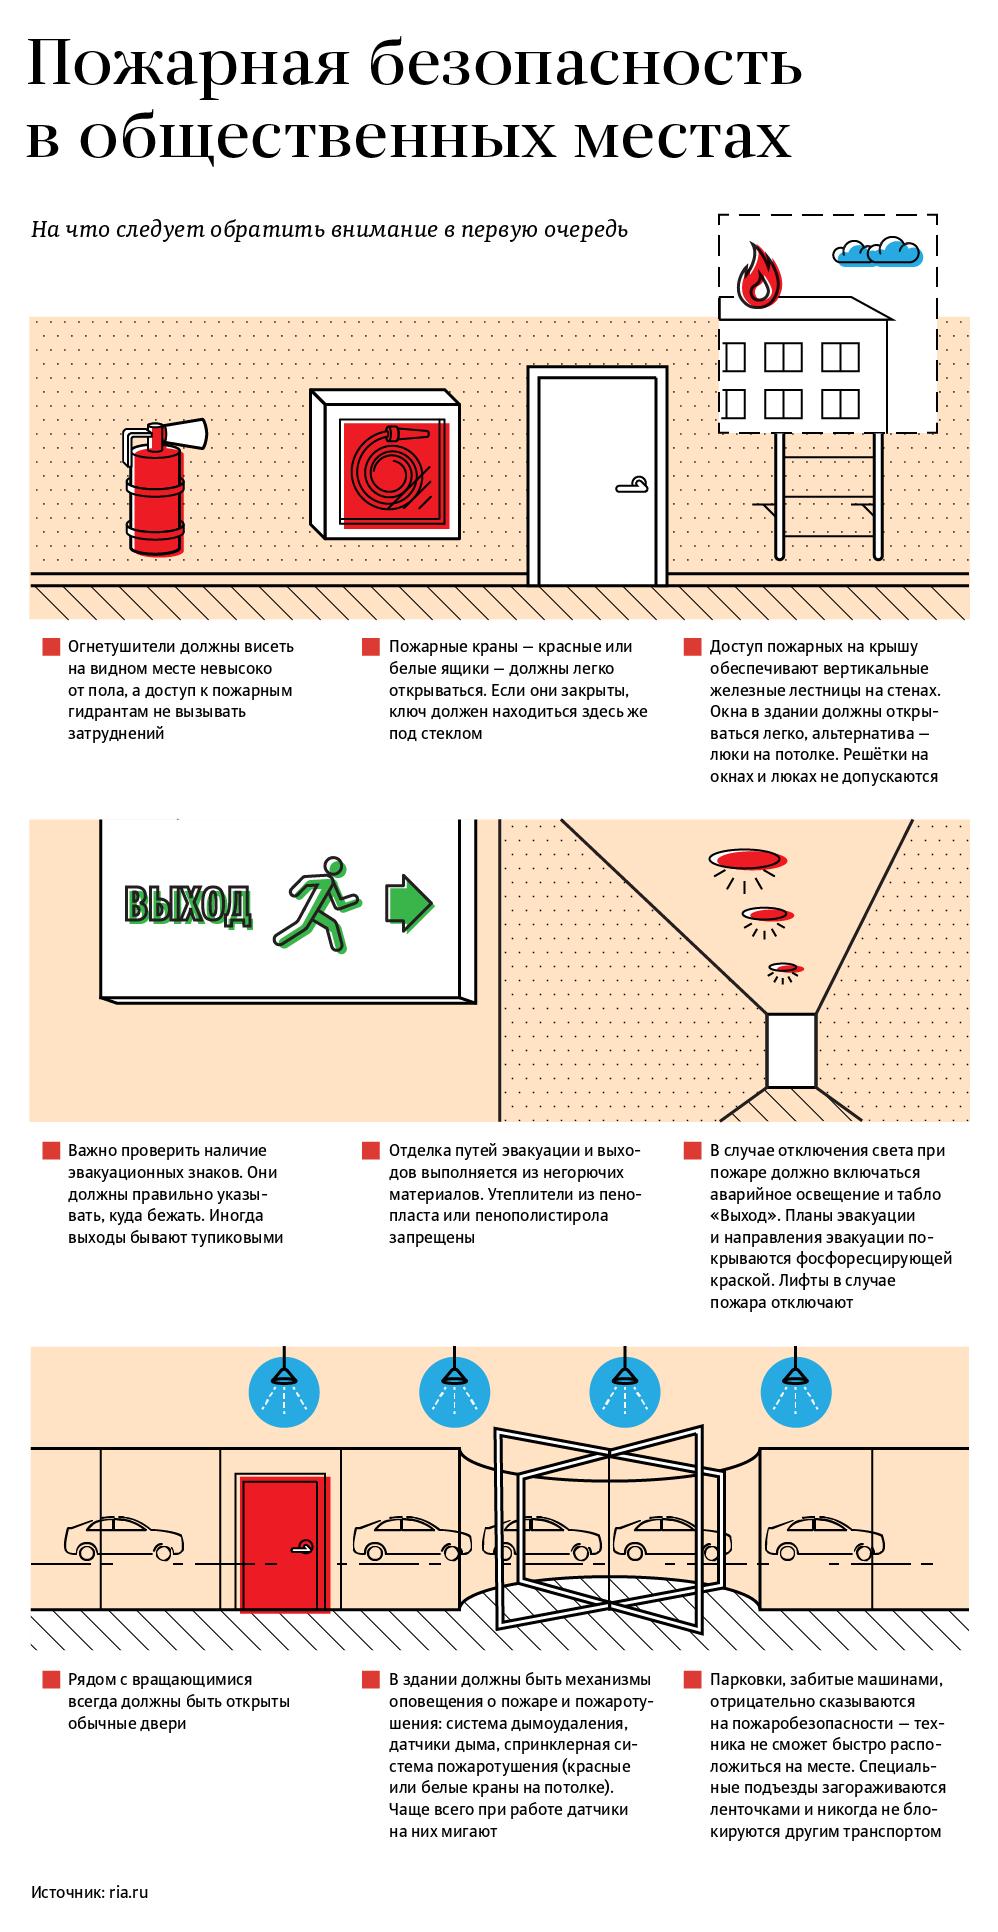 Пожарная безопасность в общественных местах